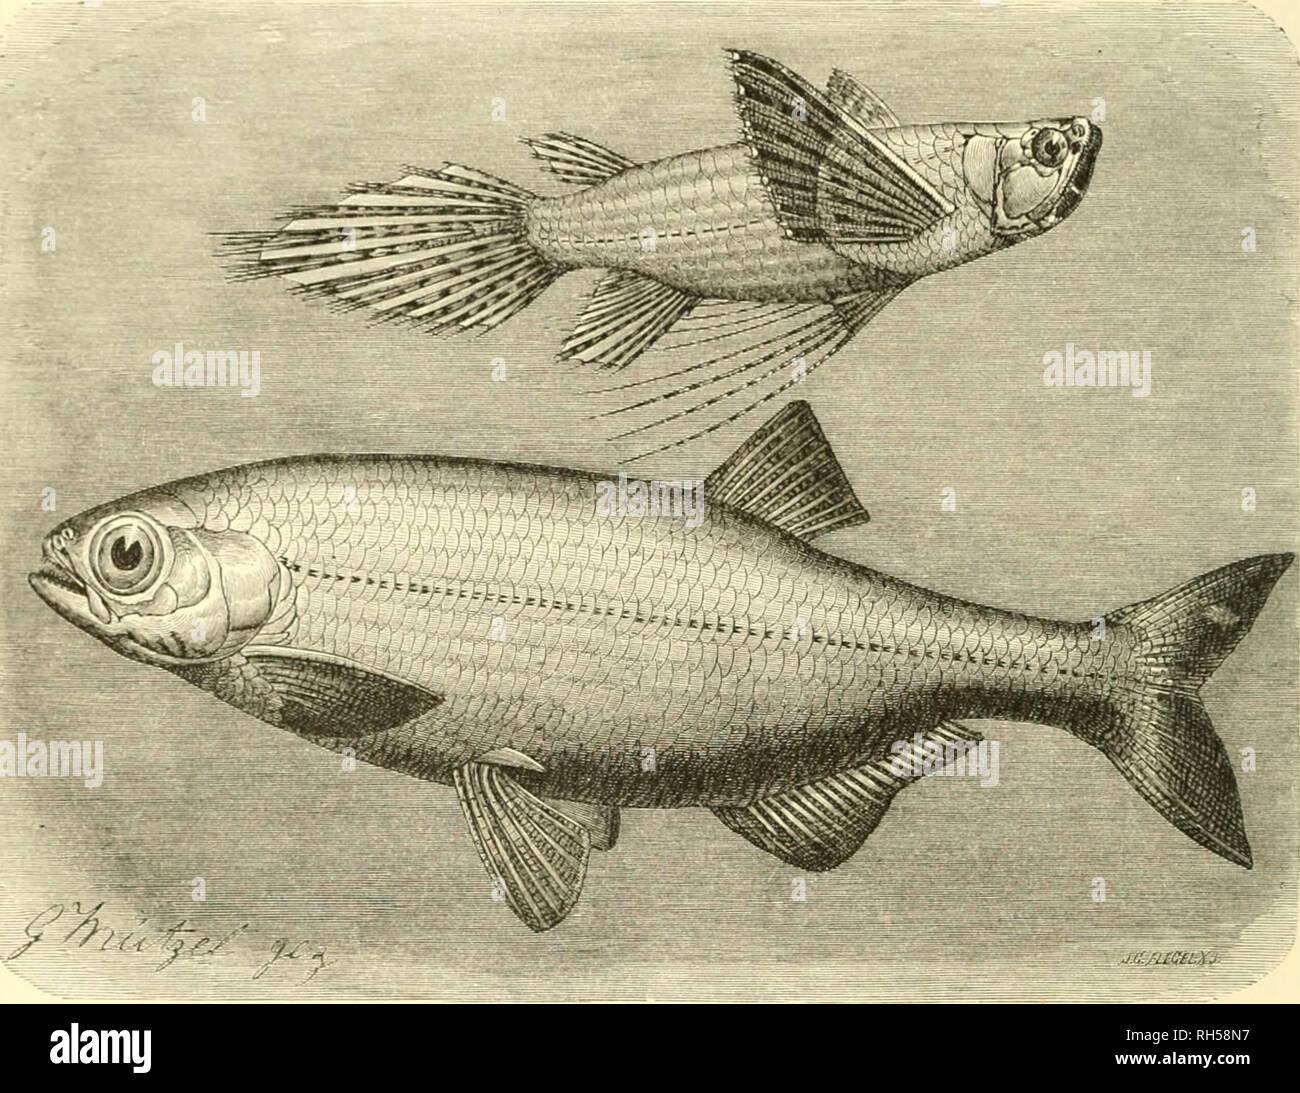 . Brehms Tierleben; allgemeine kunde des thierreichs. Mit 1910 abbildungen im text, 11 karten und 180 tafeln in farbendruck und holzschnitt.. Zoology; Animal behavior; Zoologia Geral. 364 Sierte Crbming: (rbelfifd^e; eimtnb^rcatijicifte jvamilie: .?fnocfjenjüin^Ier. Sotuie ein ^ifd) fid; fclien liiijt, roirb ein Qcd)cn GCijebcn. (^cräufdjloS fäljrt ba5 Gorial mit bcin bcftcu £d)ü^cn hvi auf ©djufnucitc I)inan; bcr ^^fcil fliet^t noii bcr Se[)ne unb iicr[d)uiinbct mit bcm S'ifd)e. ^cM bcijiuiit bic alli^ciiieiue 3acjb. iliuim taud^t bie ^aljiic bciS '^>fcile;3 über bem äiniffer au, fo finb Stock Photo